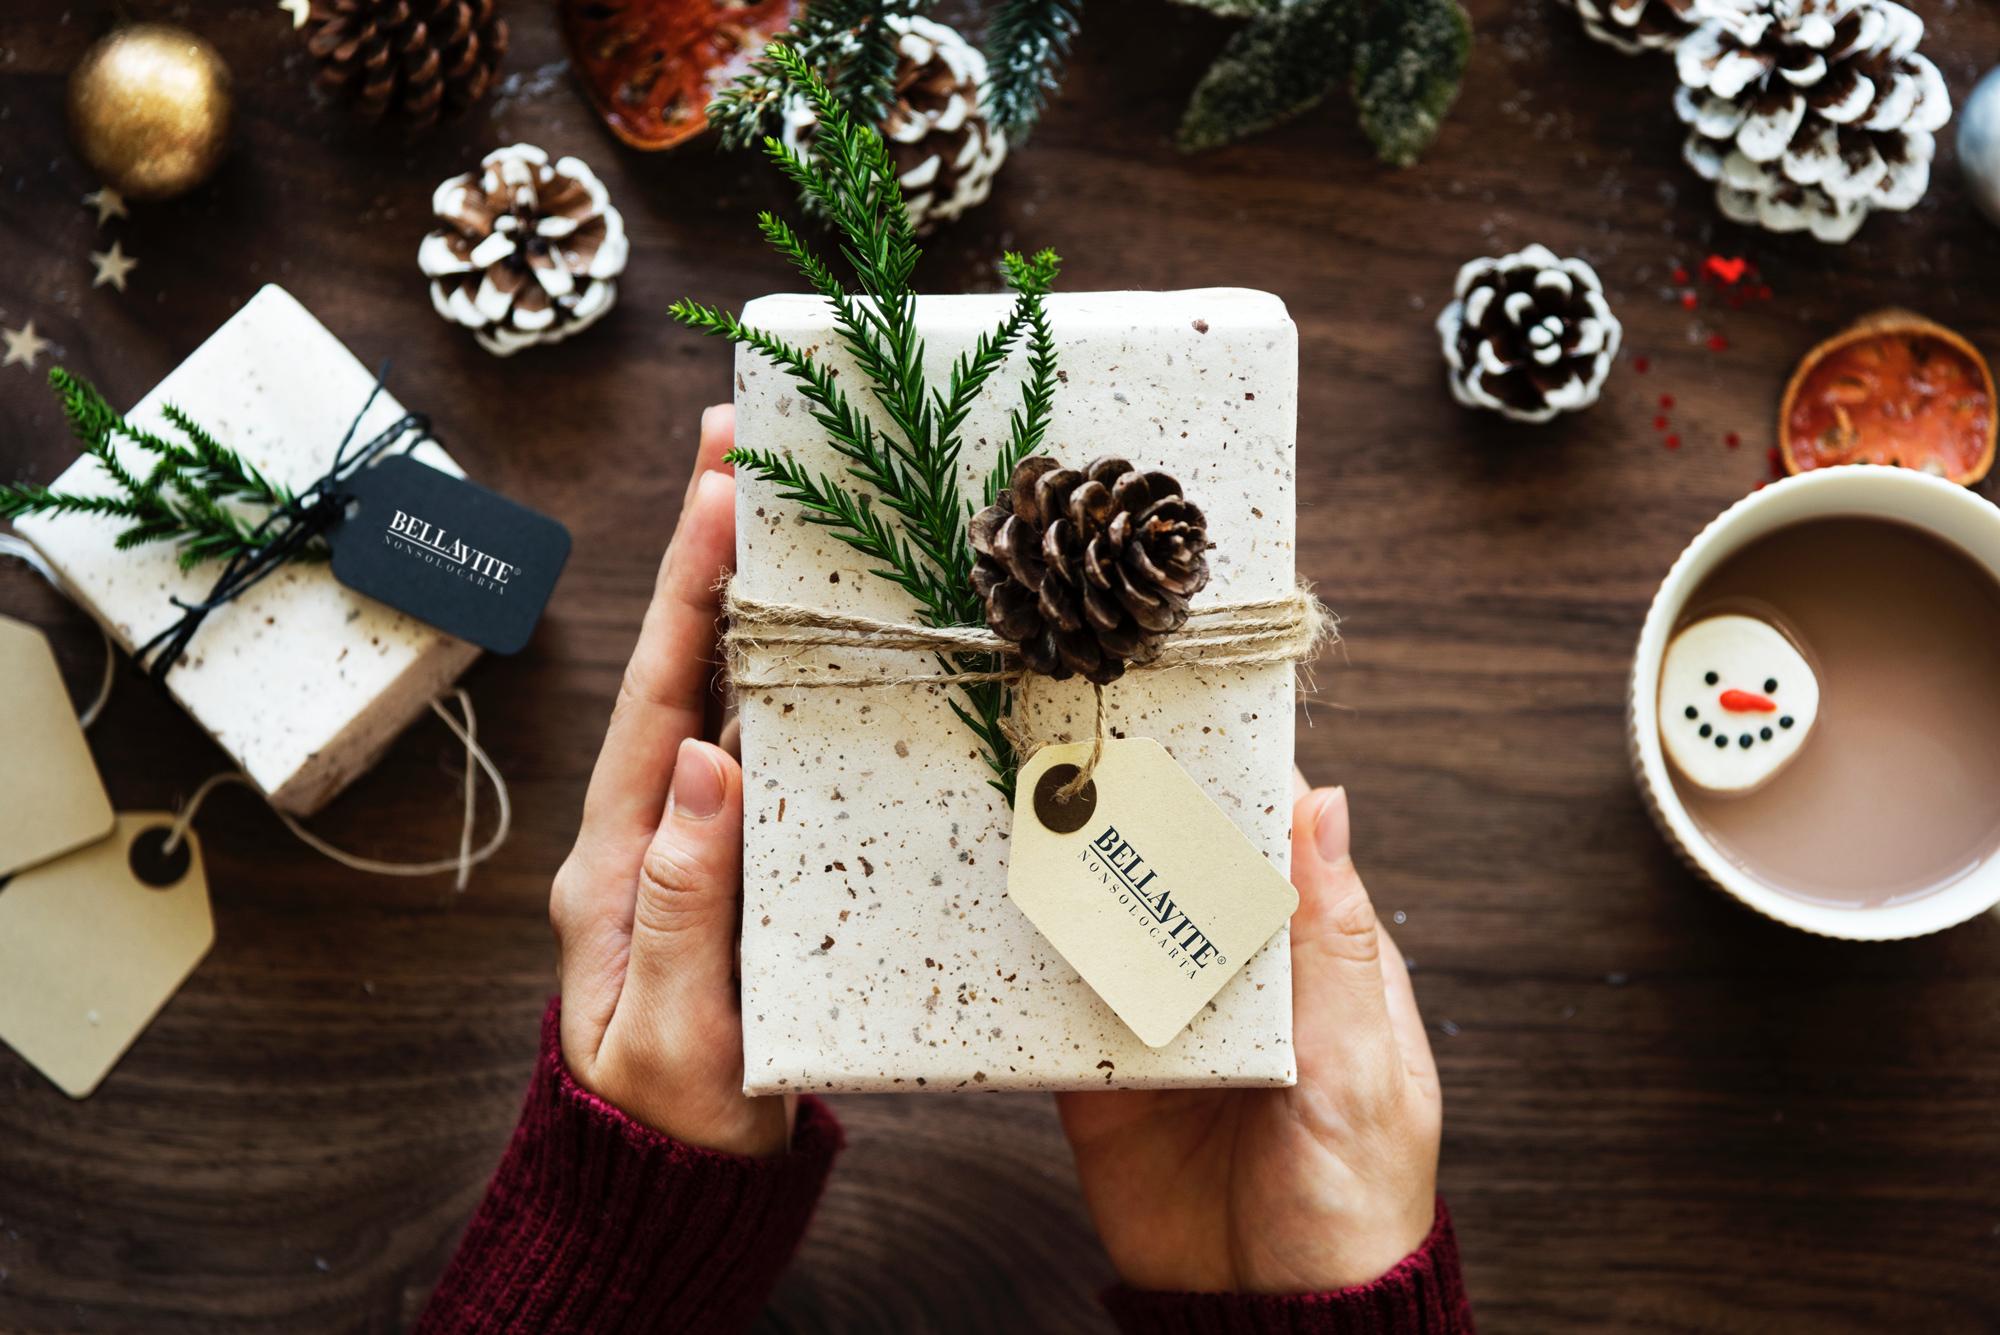 Regali Di Natale Traduzione Inglese.Idee Regalo Per Natale Le Proposte Per Grandi E Piccoli